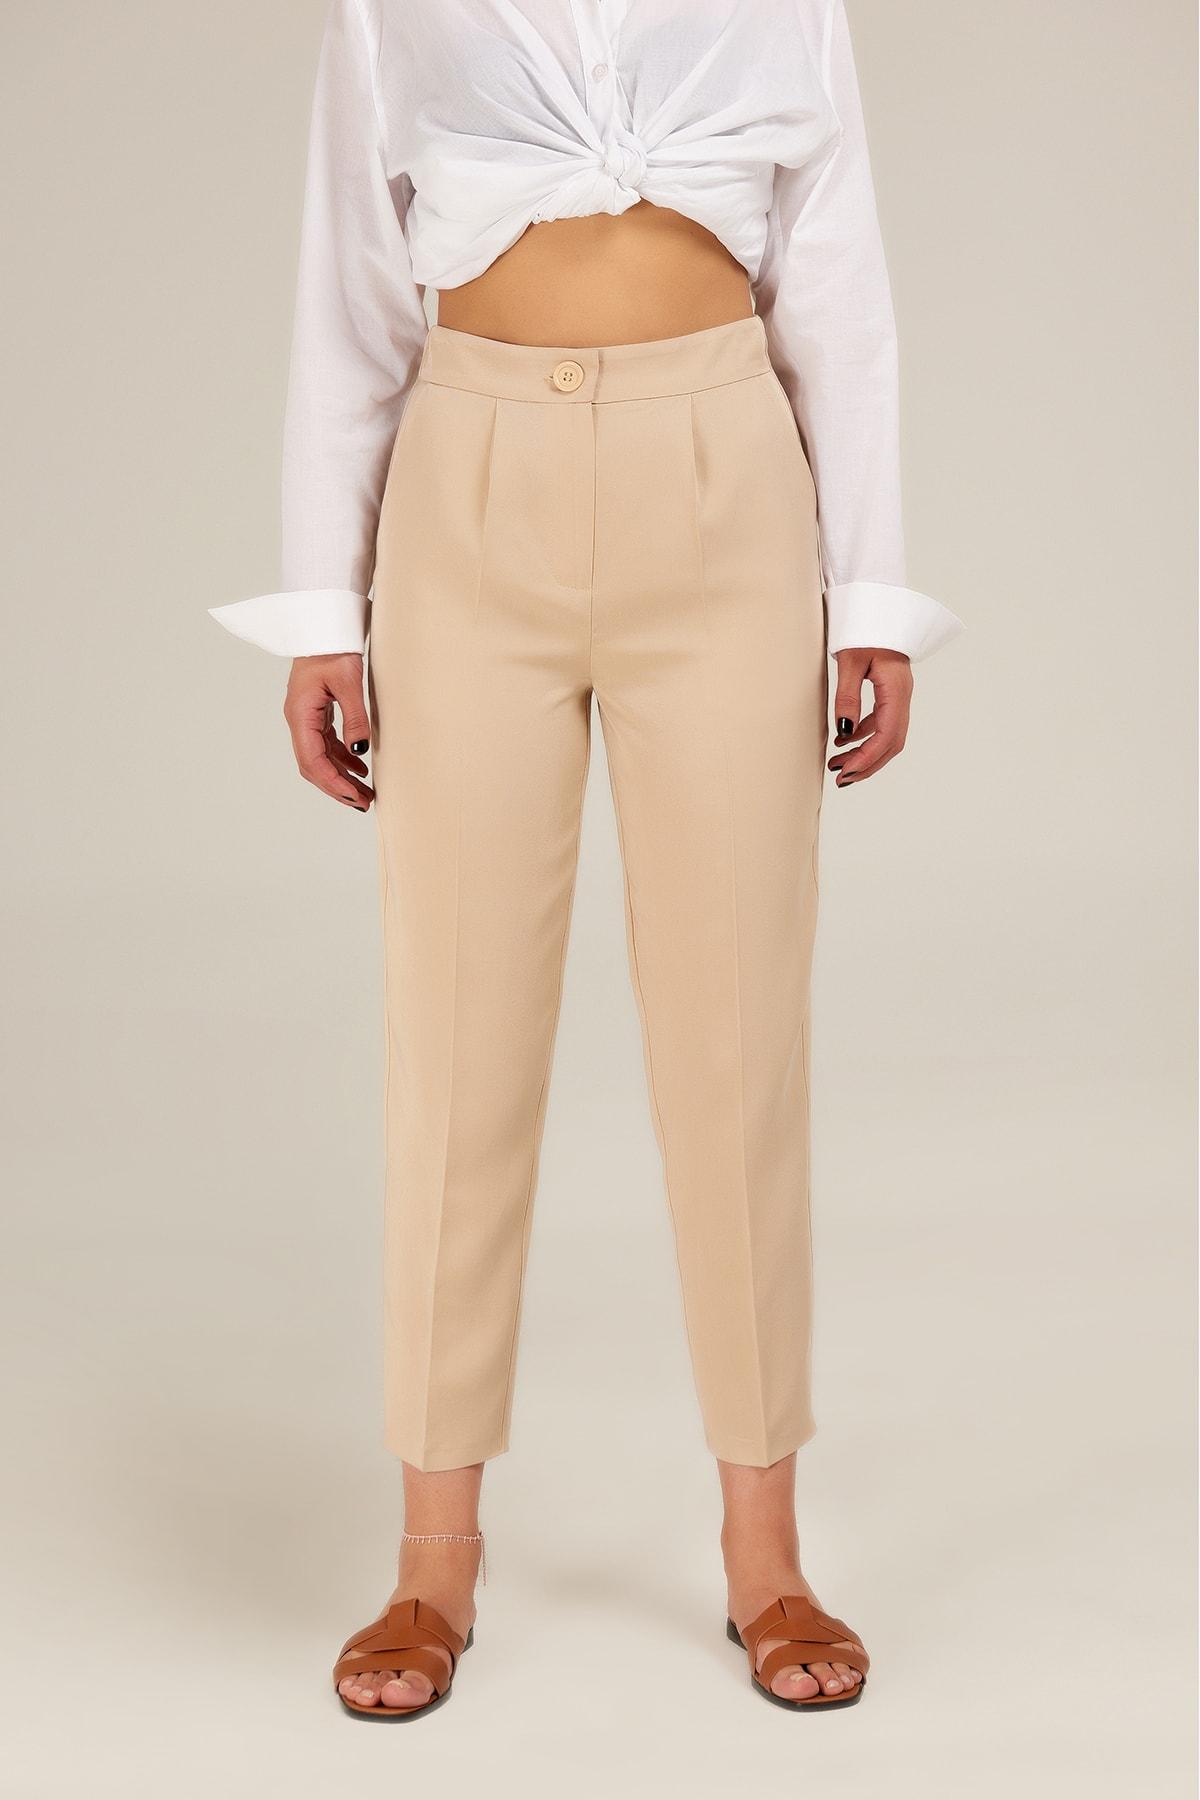 Appleline Kadın Relax Tencel Pantolon 1